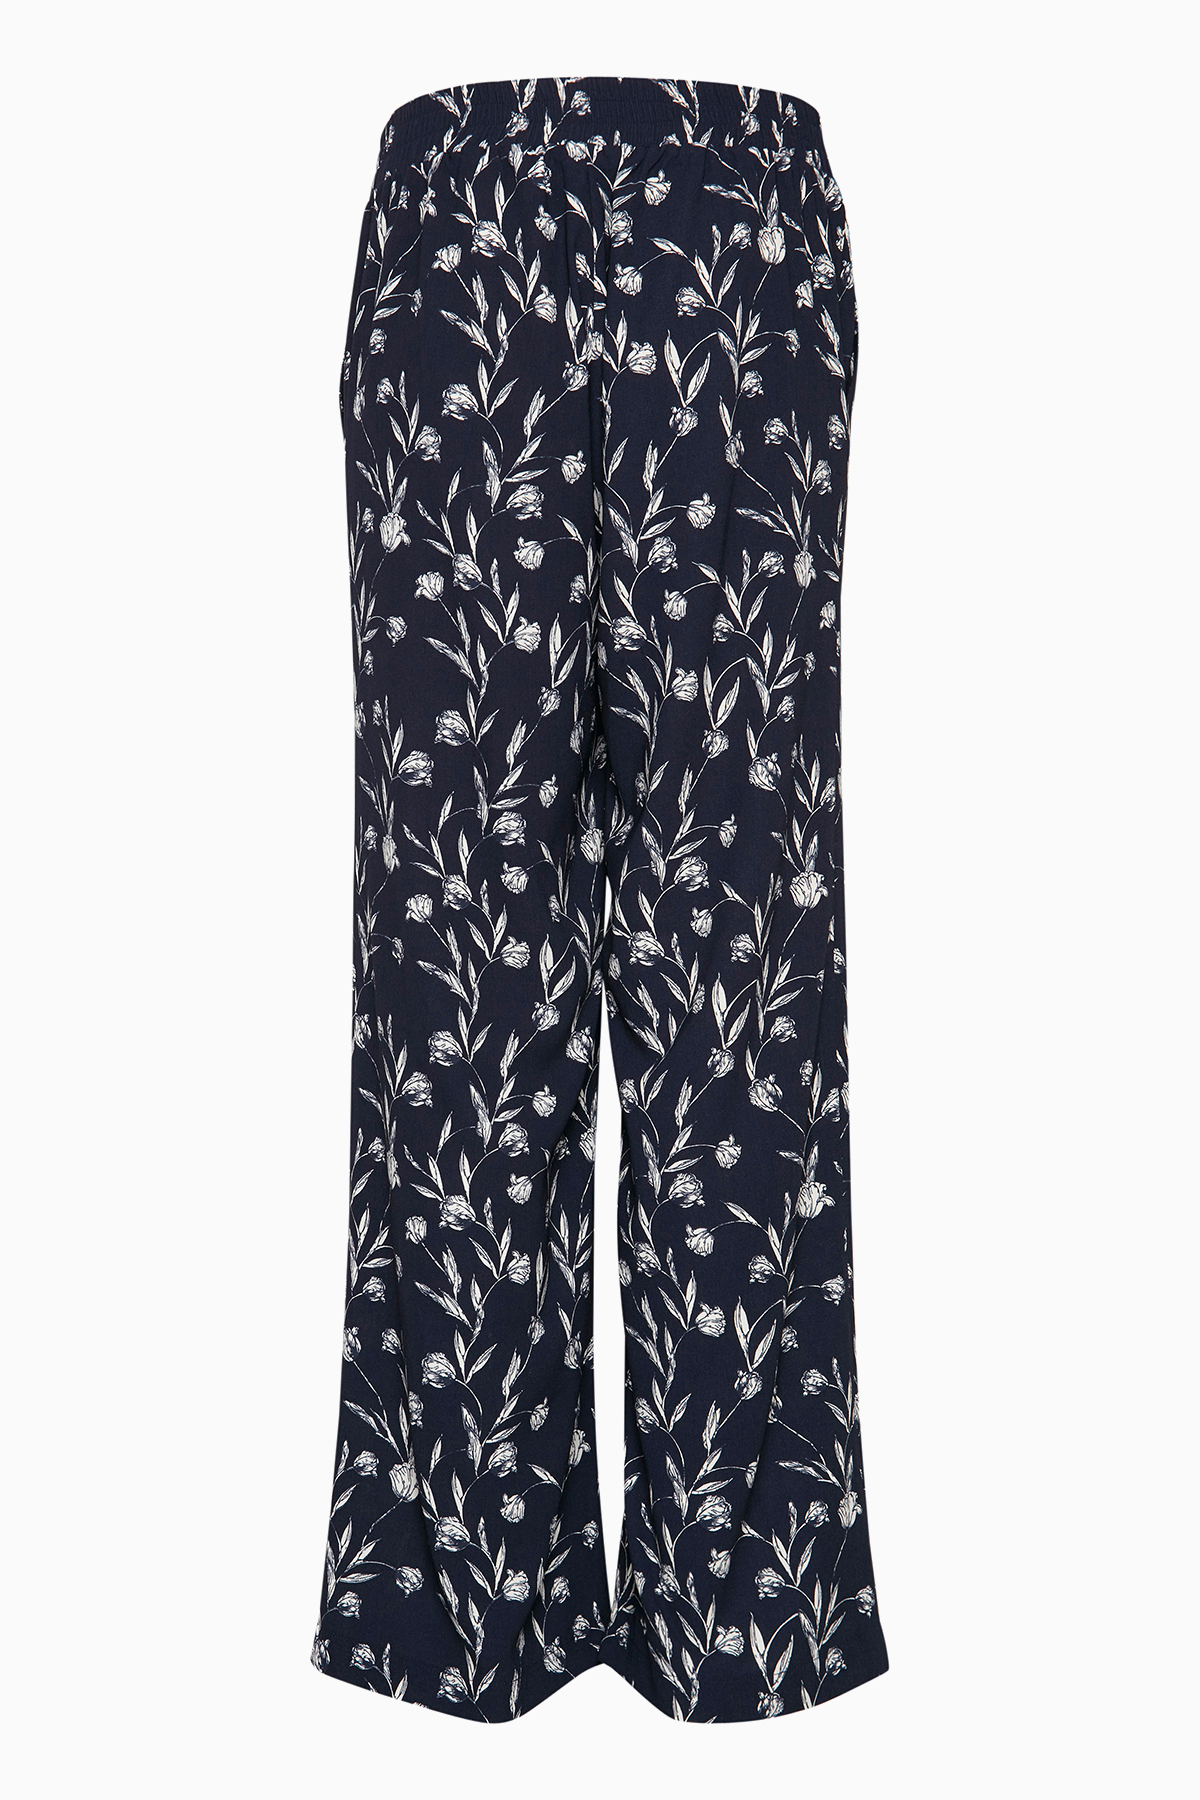 Marineblå/off-white Casual bukser fra Fransa – Køb Marineblå/off-white Casual bukser fra str. 34-46 her